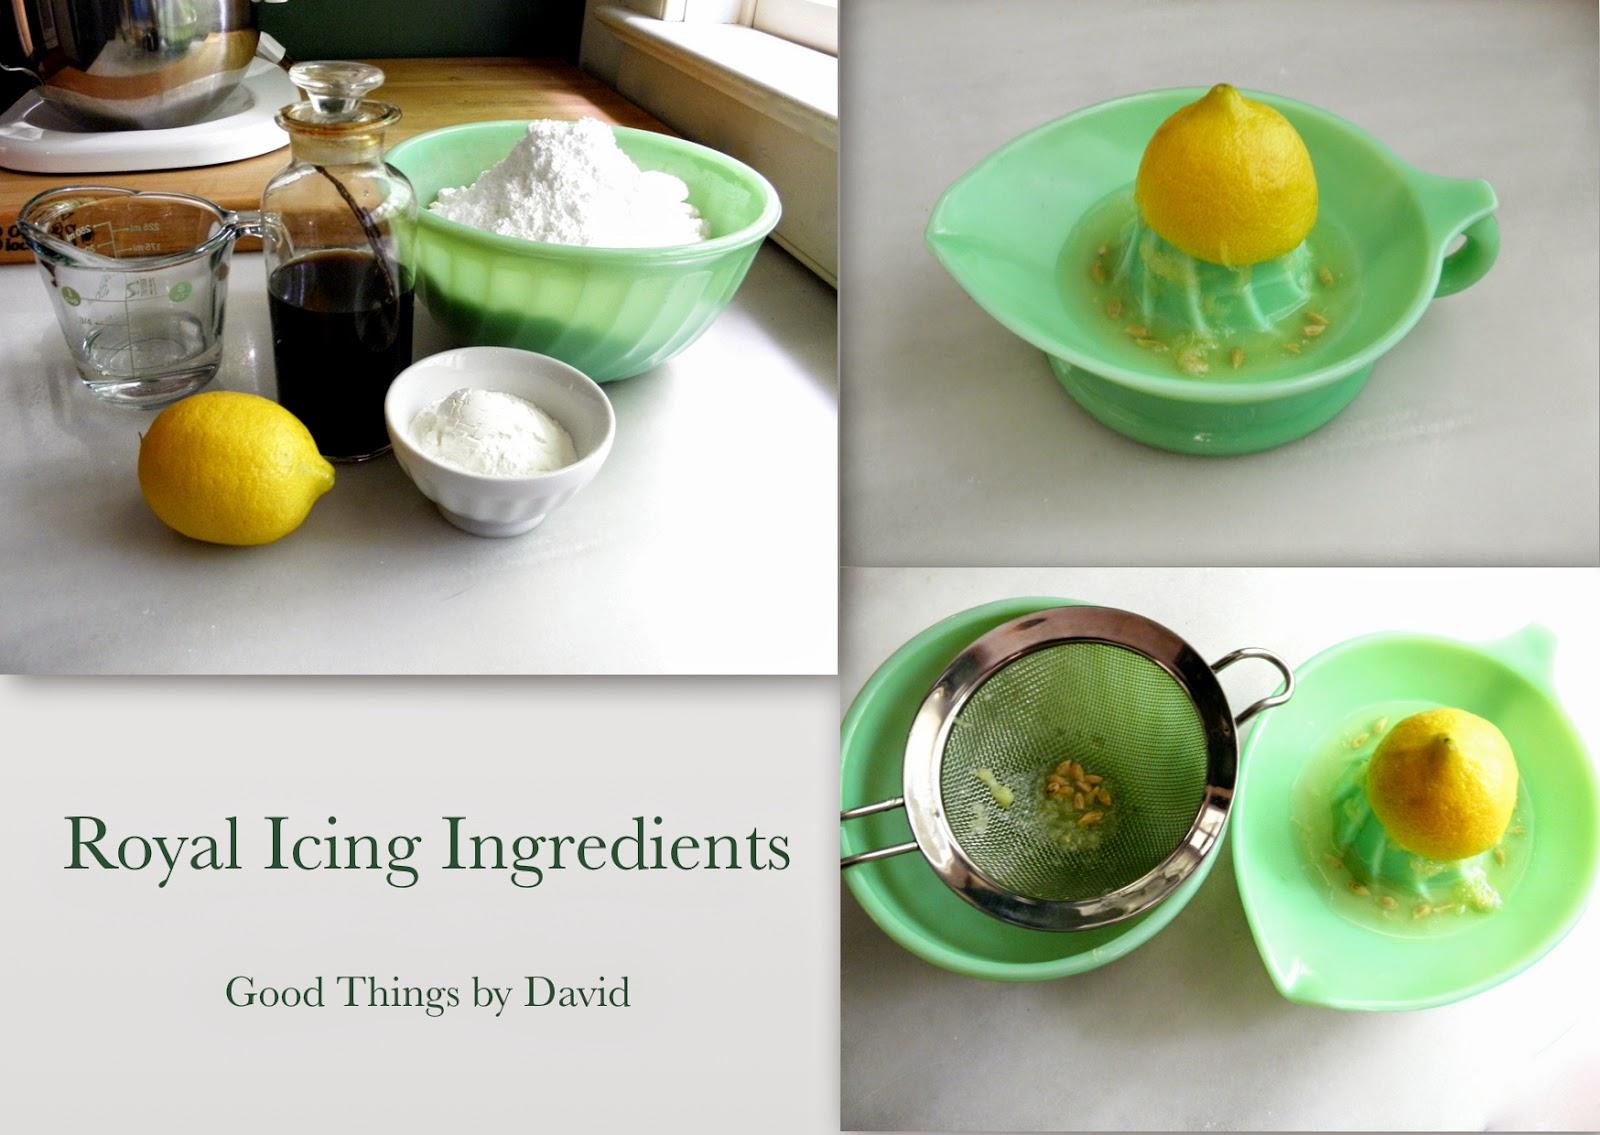 Good Things by David: Perfect Royal Icing